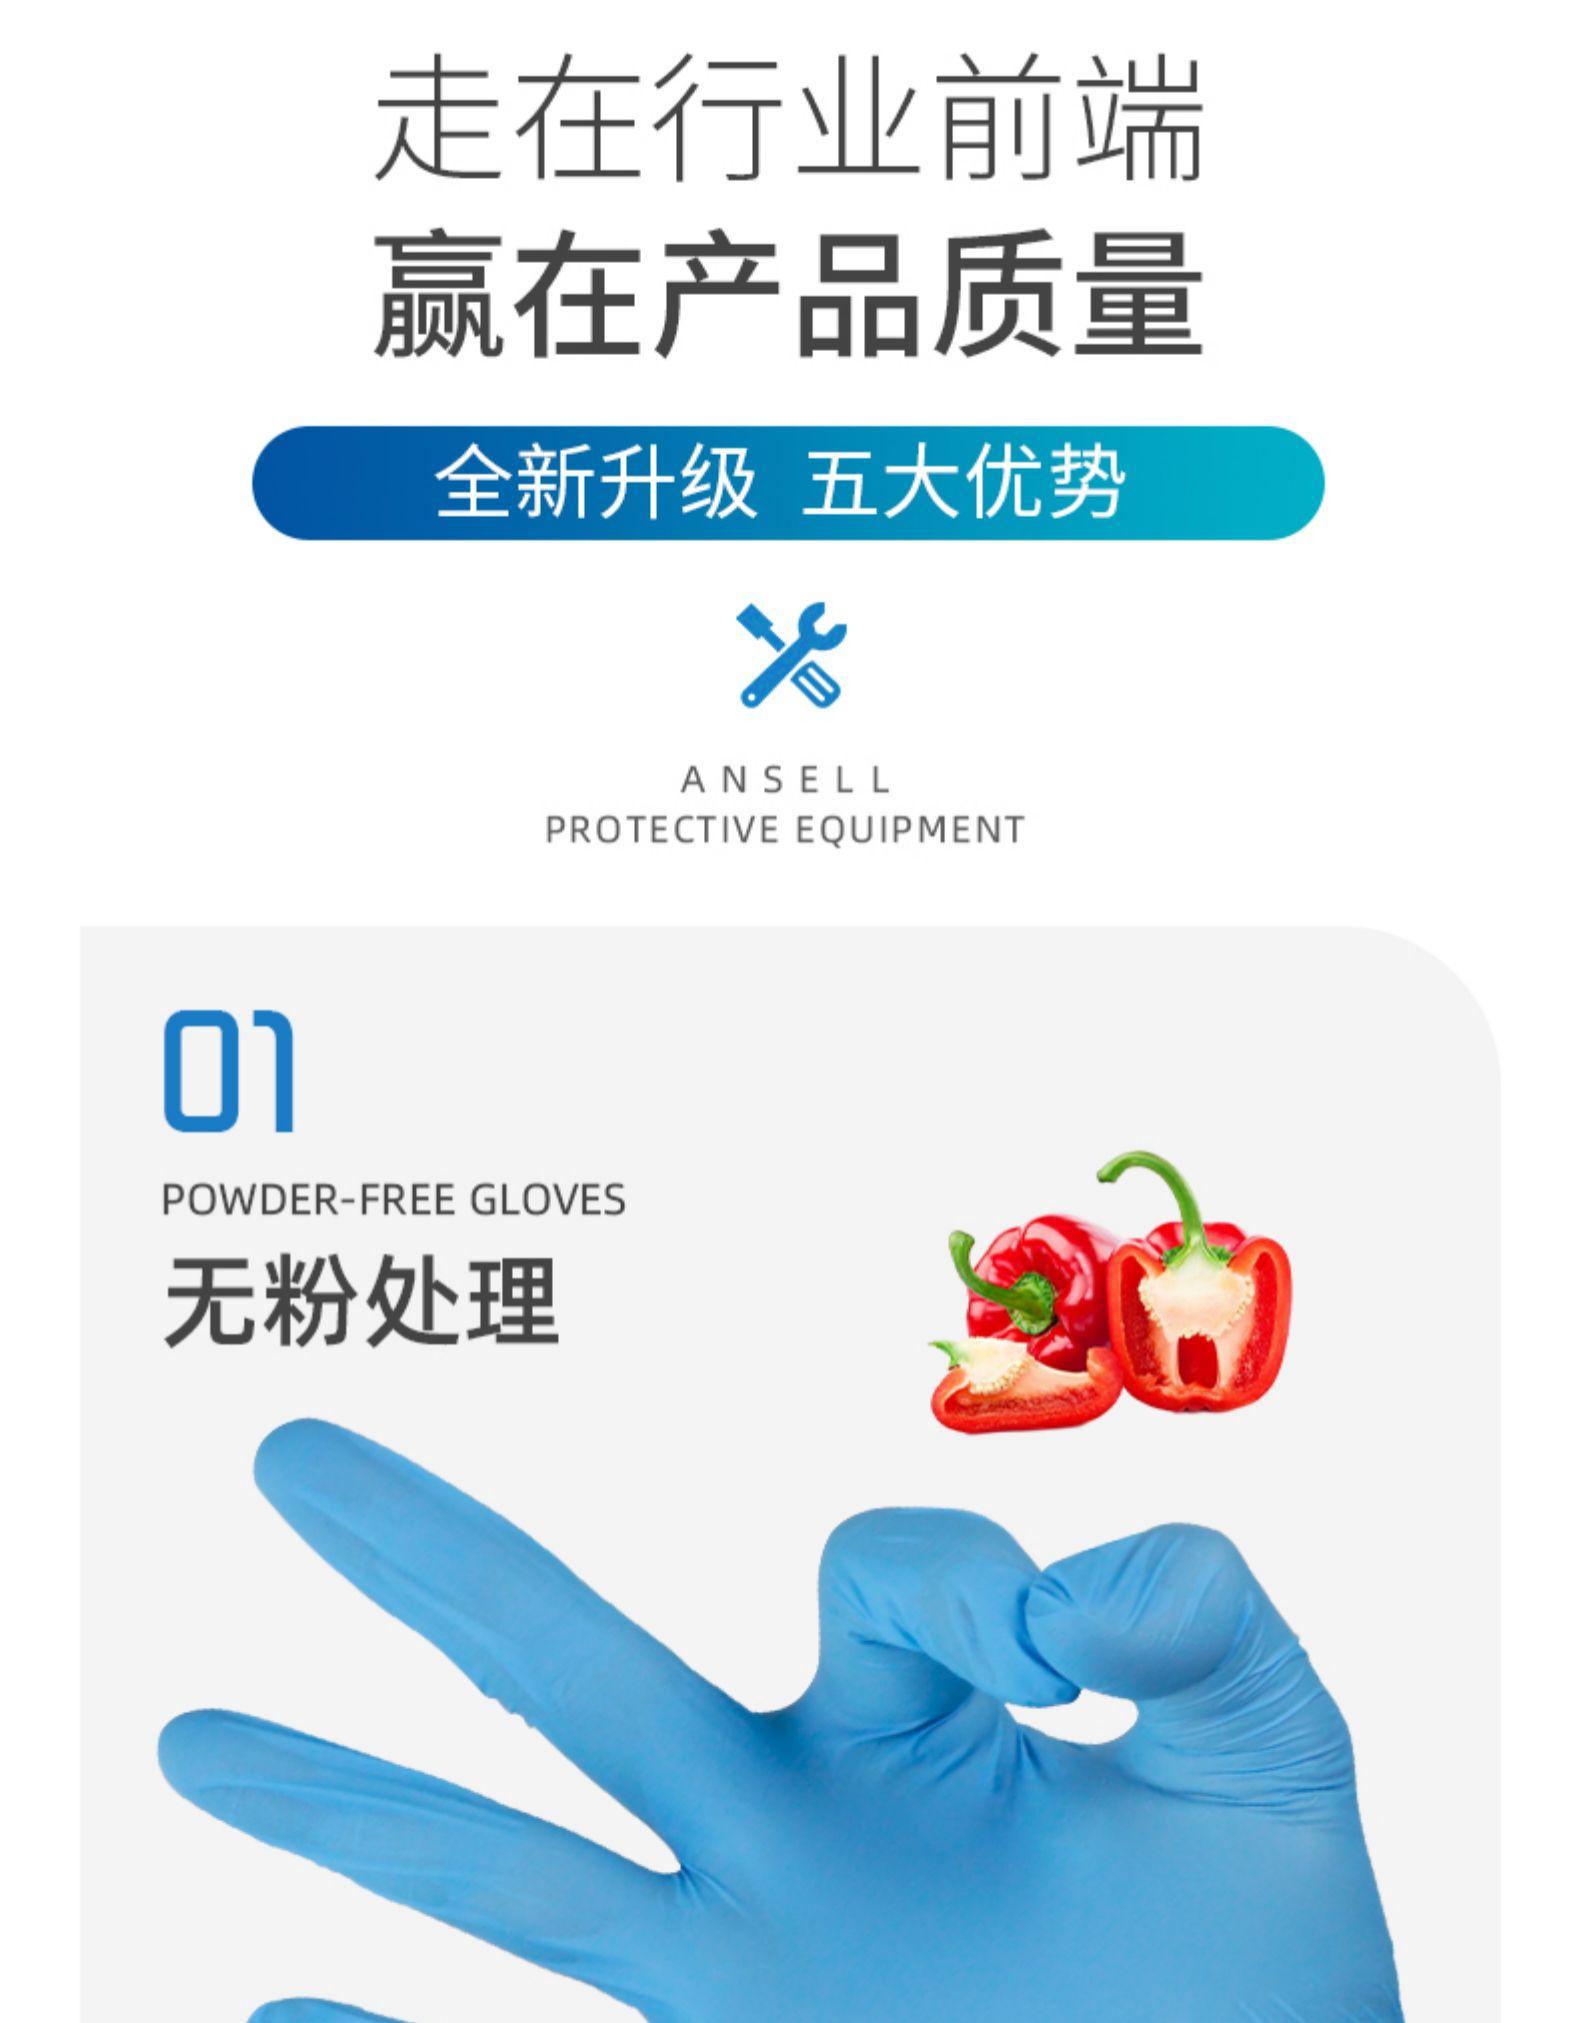 安思尔一次性手套丁腈橡胶食品餐饮加厚家用洗碗胶皮乳胶手套详细照片